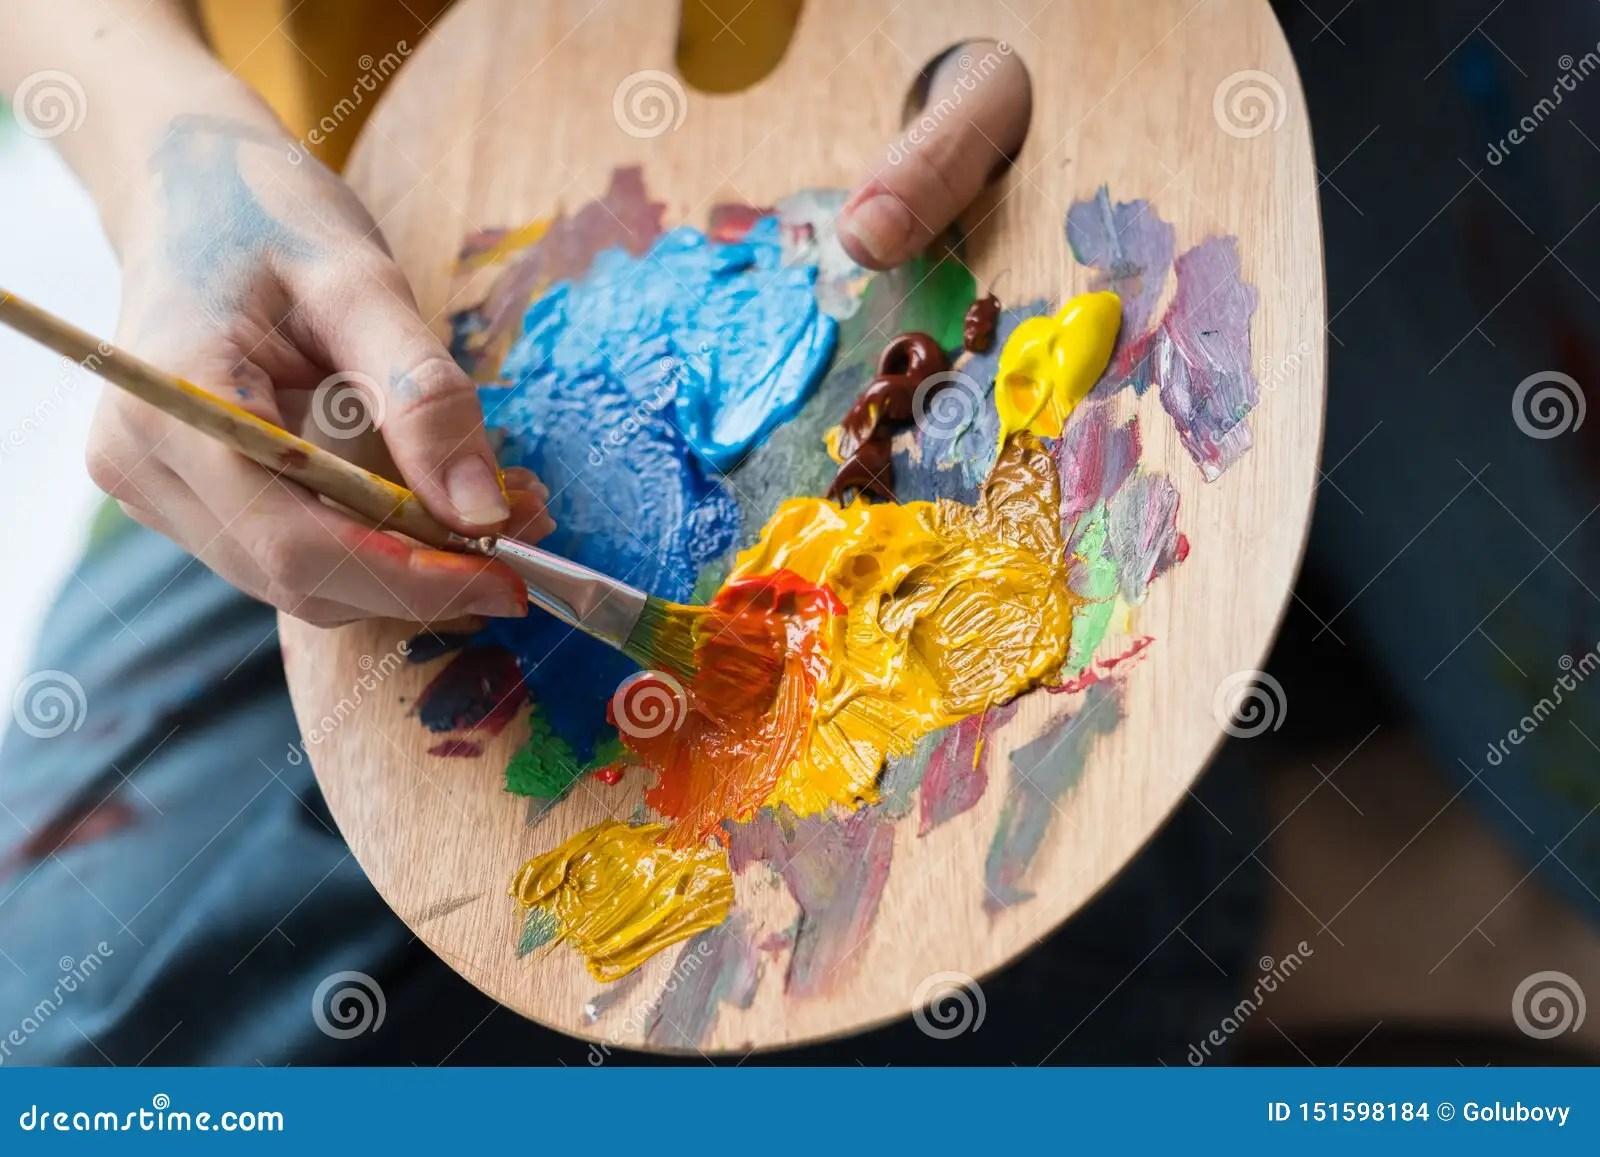 Palette De Peinture Acrylique De Melange D Artiste D Ecole De Beaux Arts Photo Stock Image Du Femelle Adulte 151598184